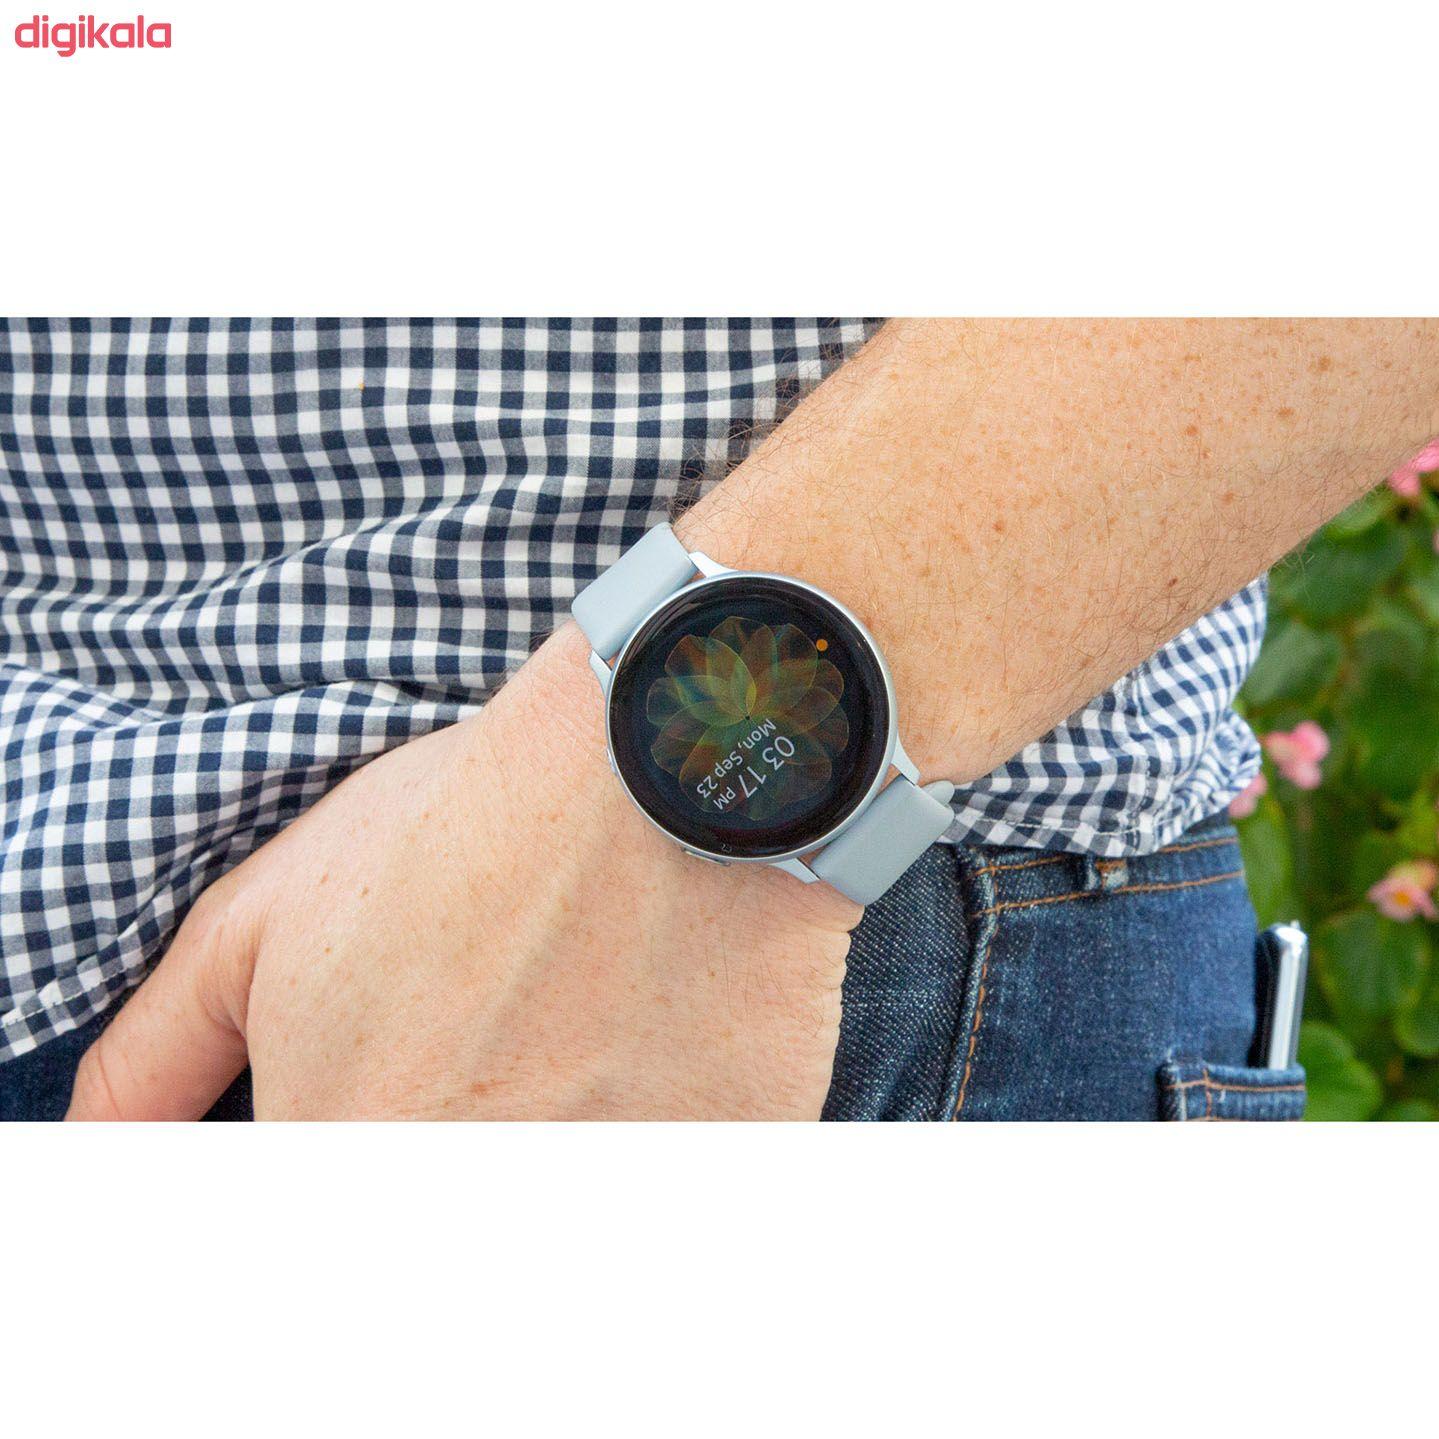 بند مدل Sl-92 مناسب برای ساعت هوشمند سامسونگGalaxy Active 42mm main 1 3